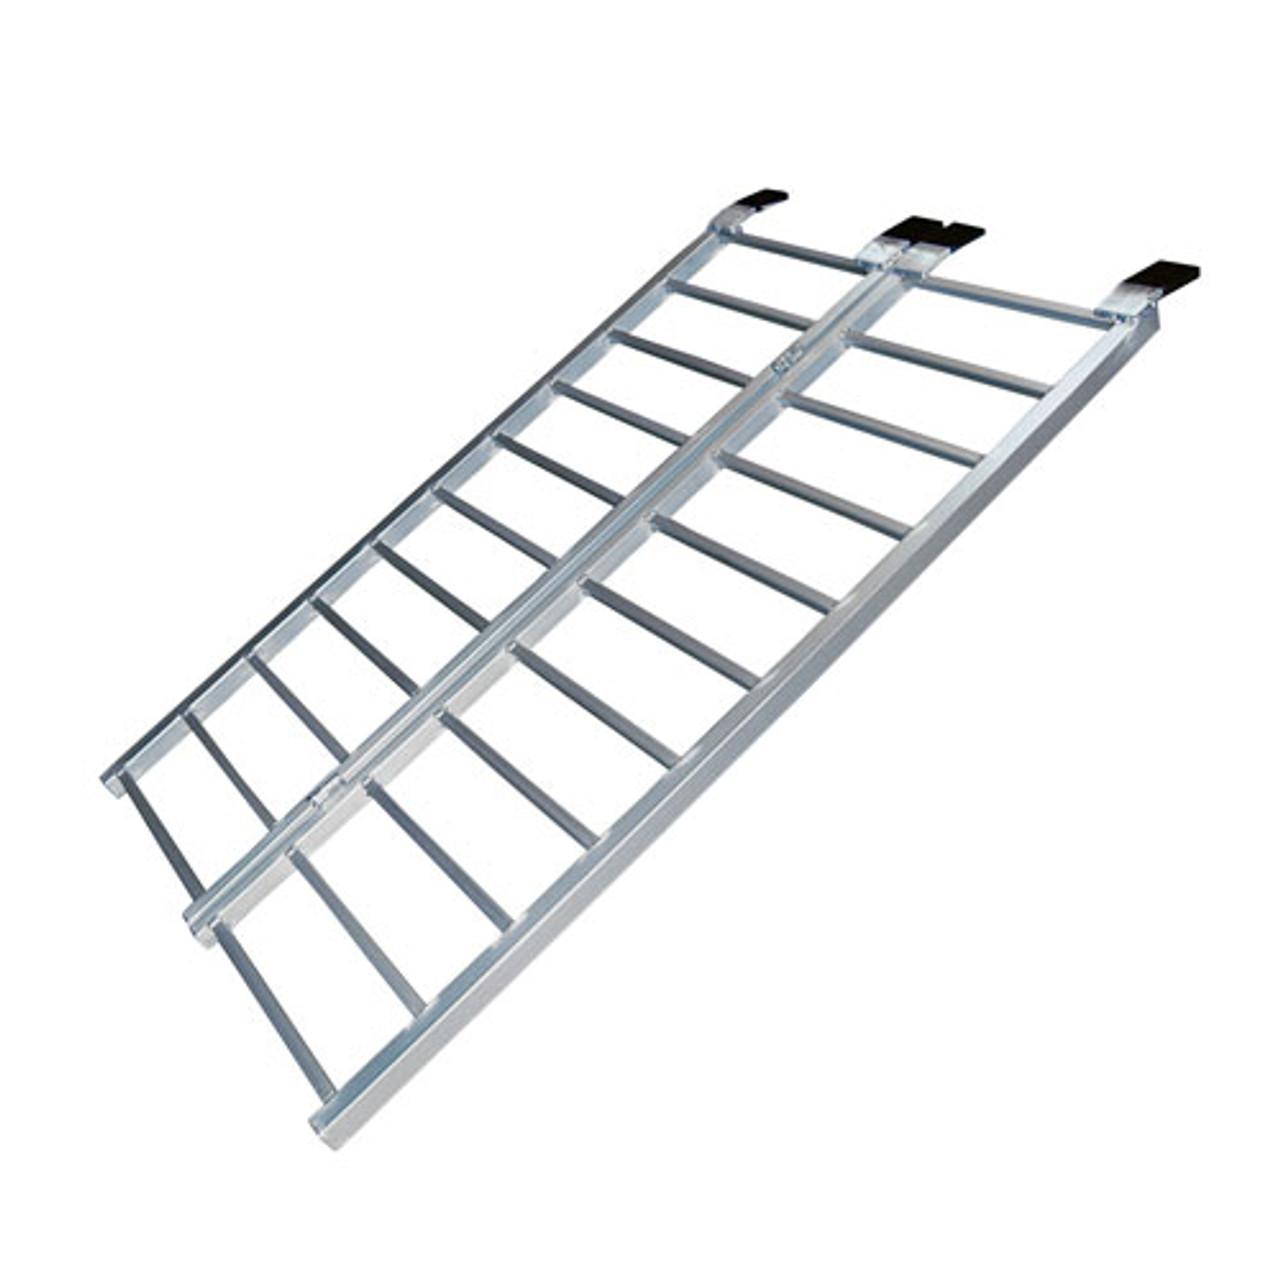 Aluminum Atv Ramps >> Bi Fold Aluminum Atv Ramp